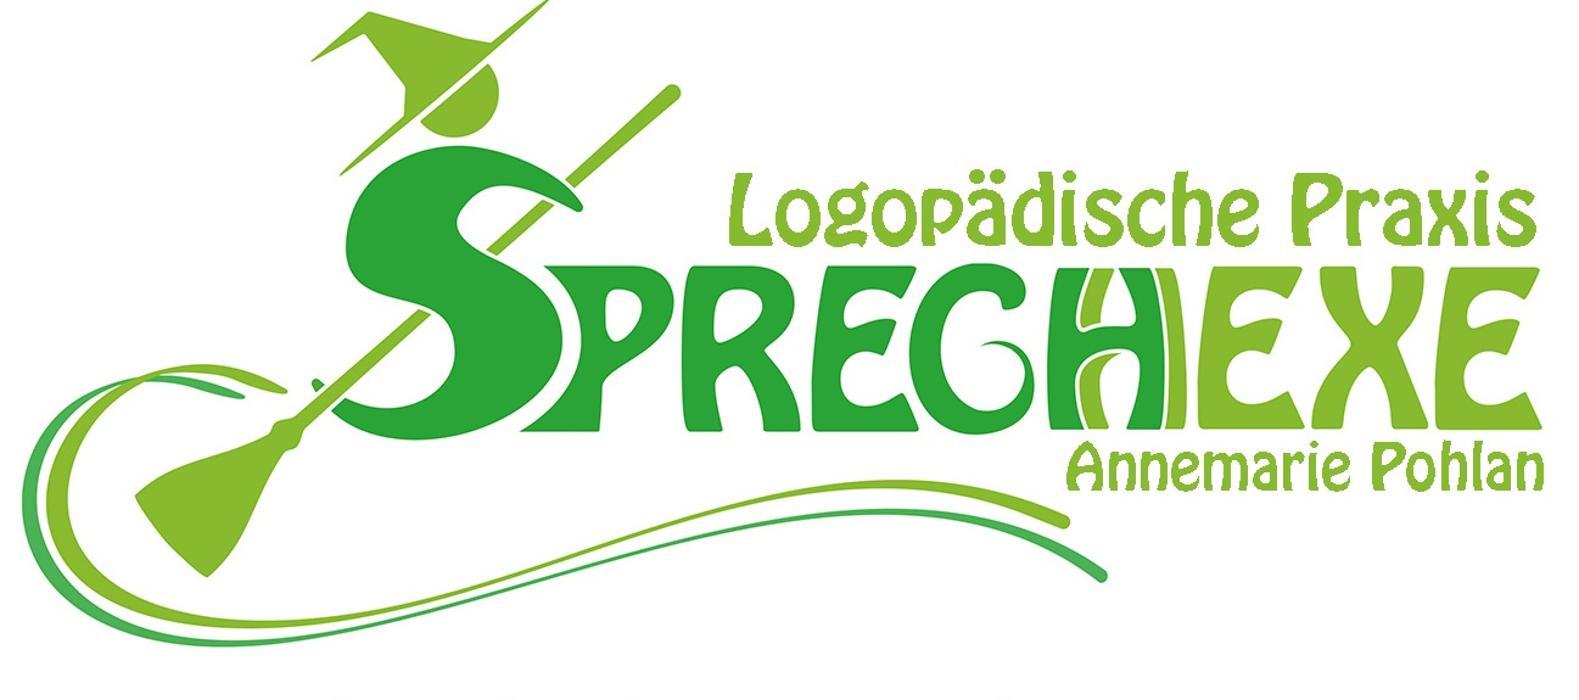 """Bild zu Logopädische Praxis """"Sprechhexe"""", Inh. Annemarie Pohlan, Altmarkt 29 in Bischofwerda in Bischofswerda"""